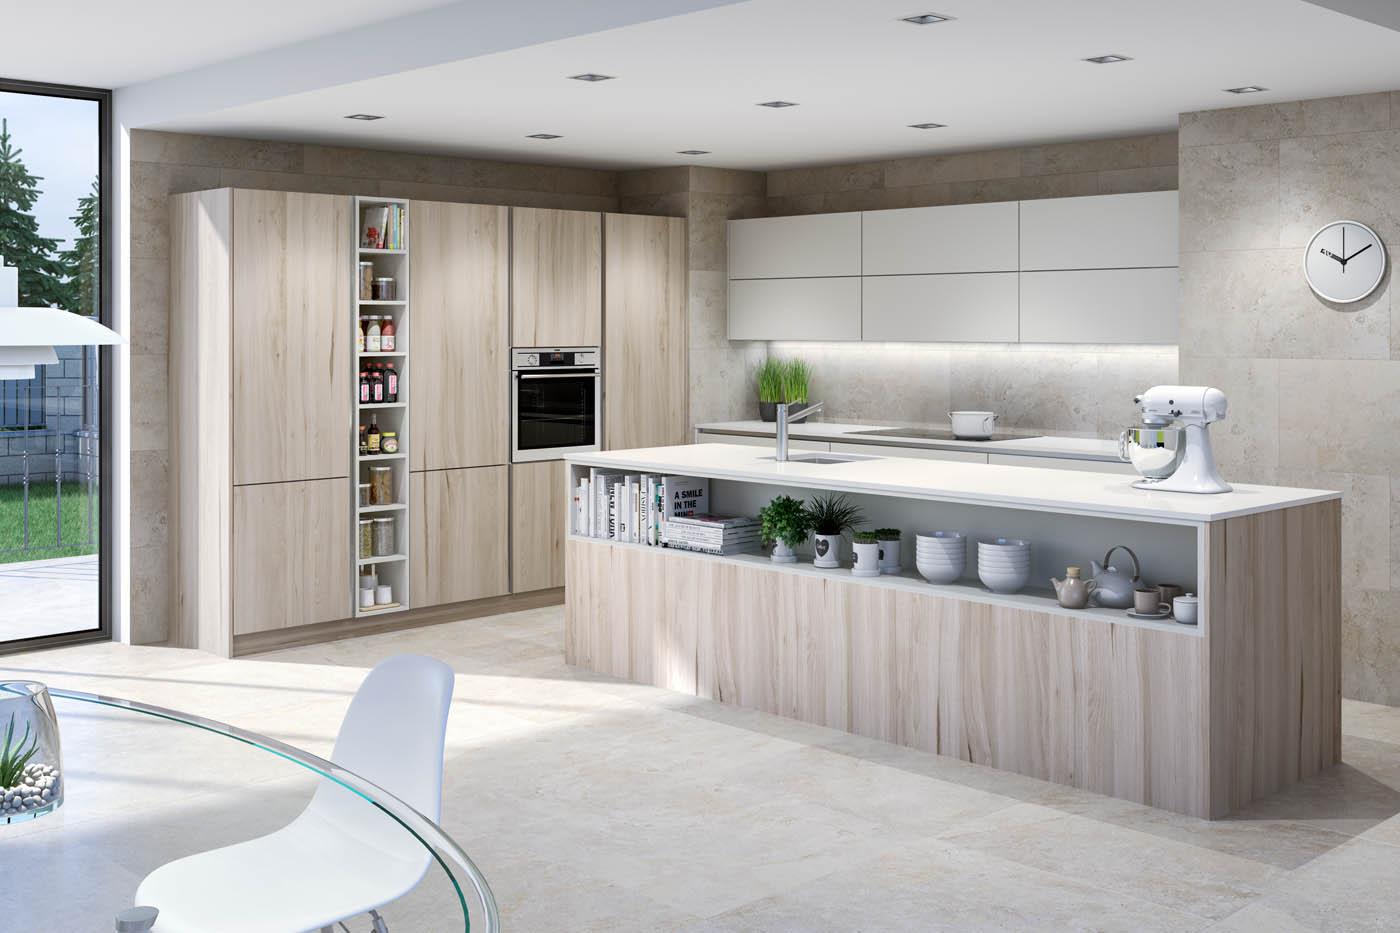 Imágenes virtuales de cocinas de alta calidad